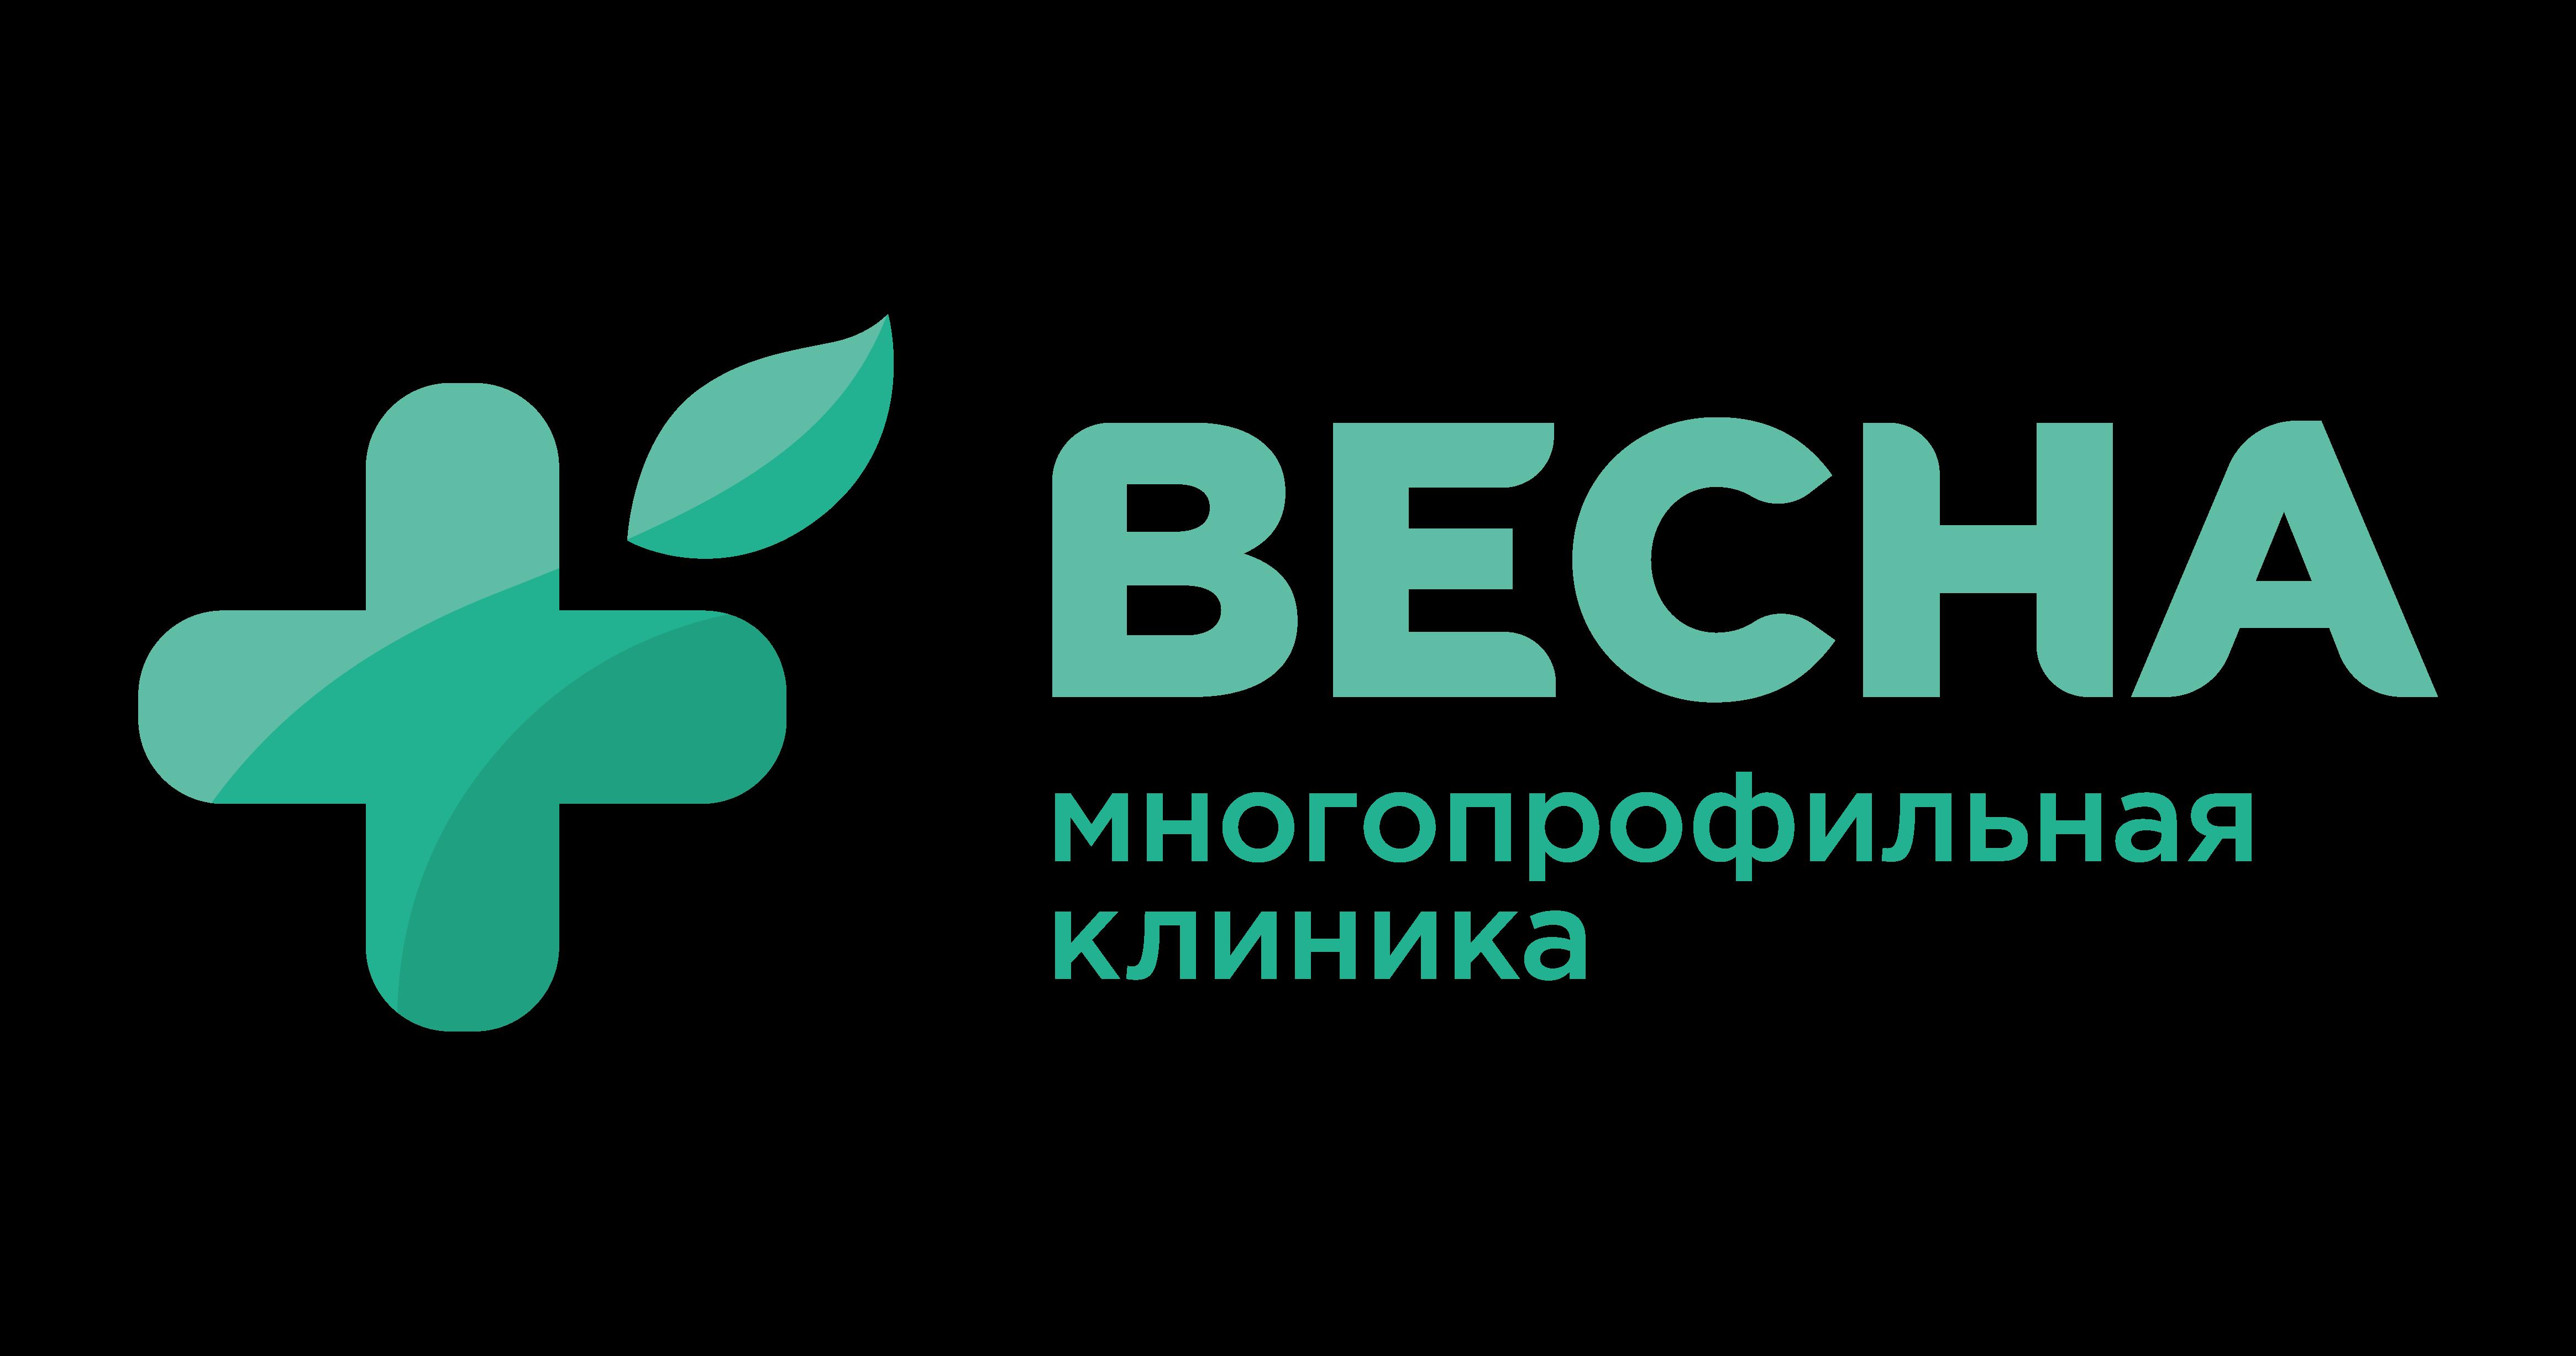 Многопрофильная клиника «ВЕСНА» в г. Ростове-на-Дону